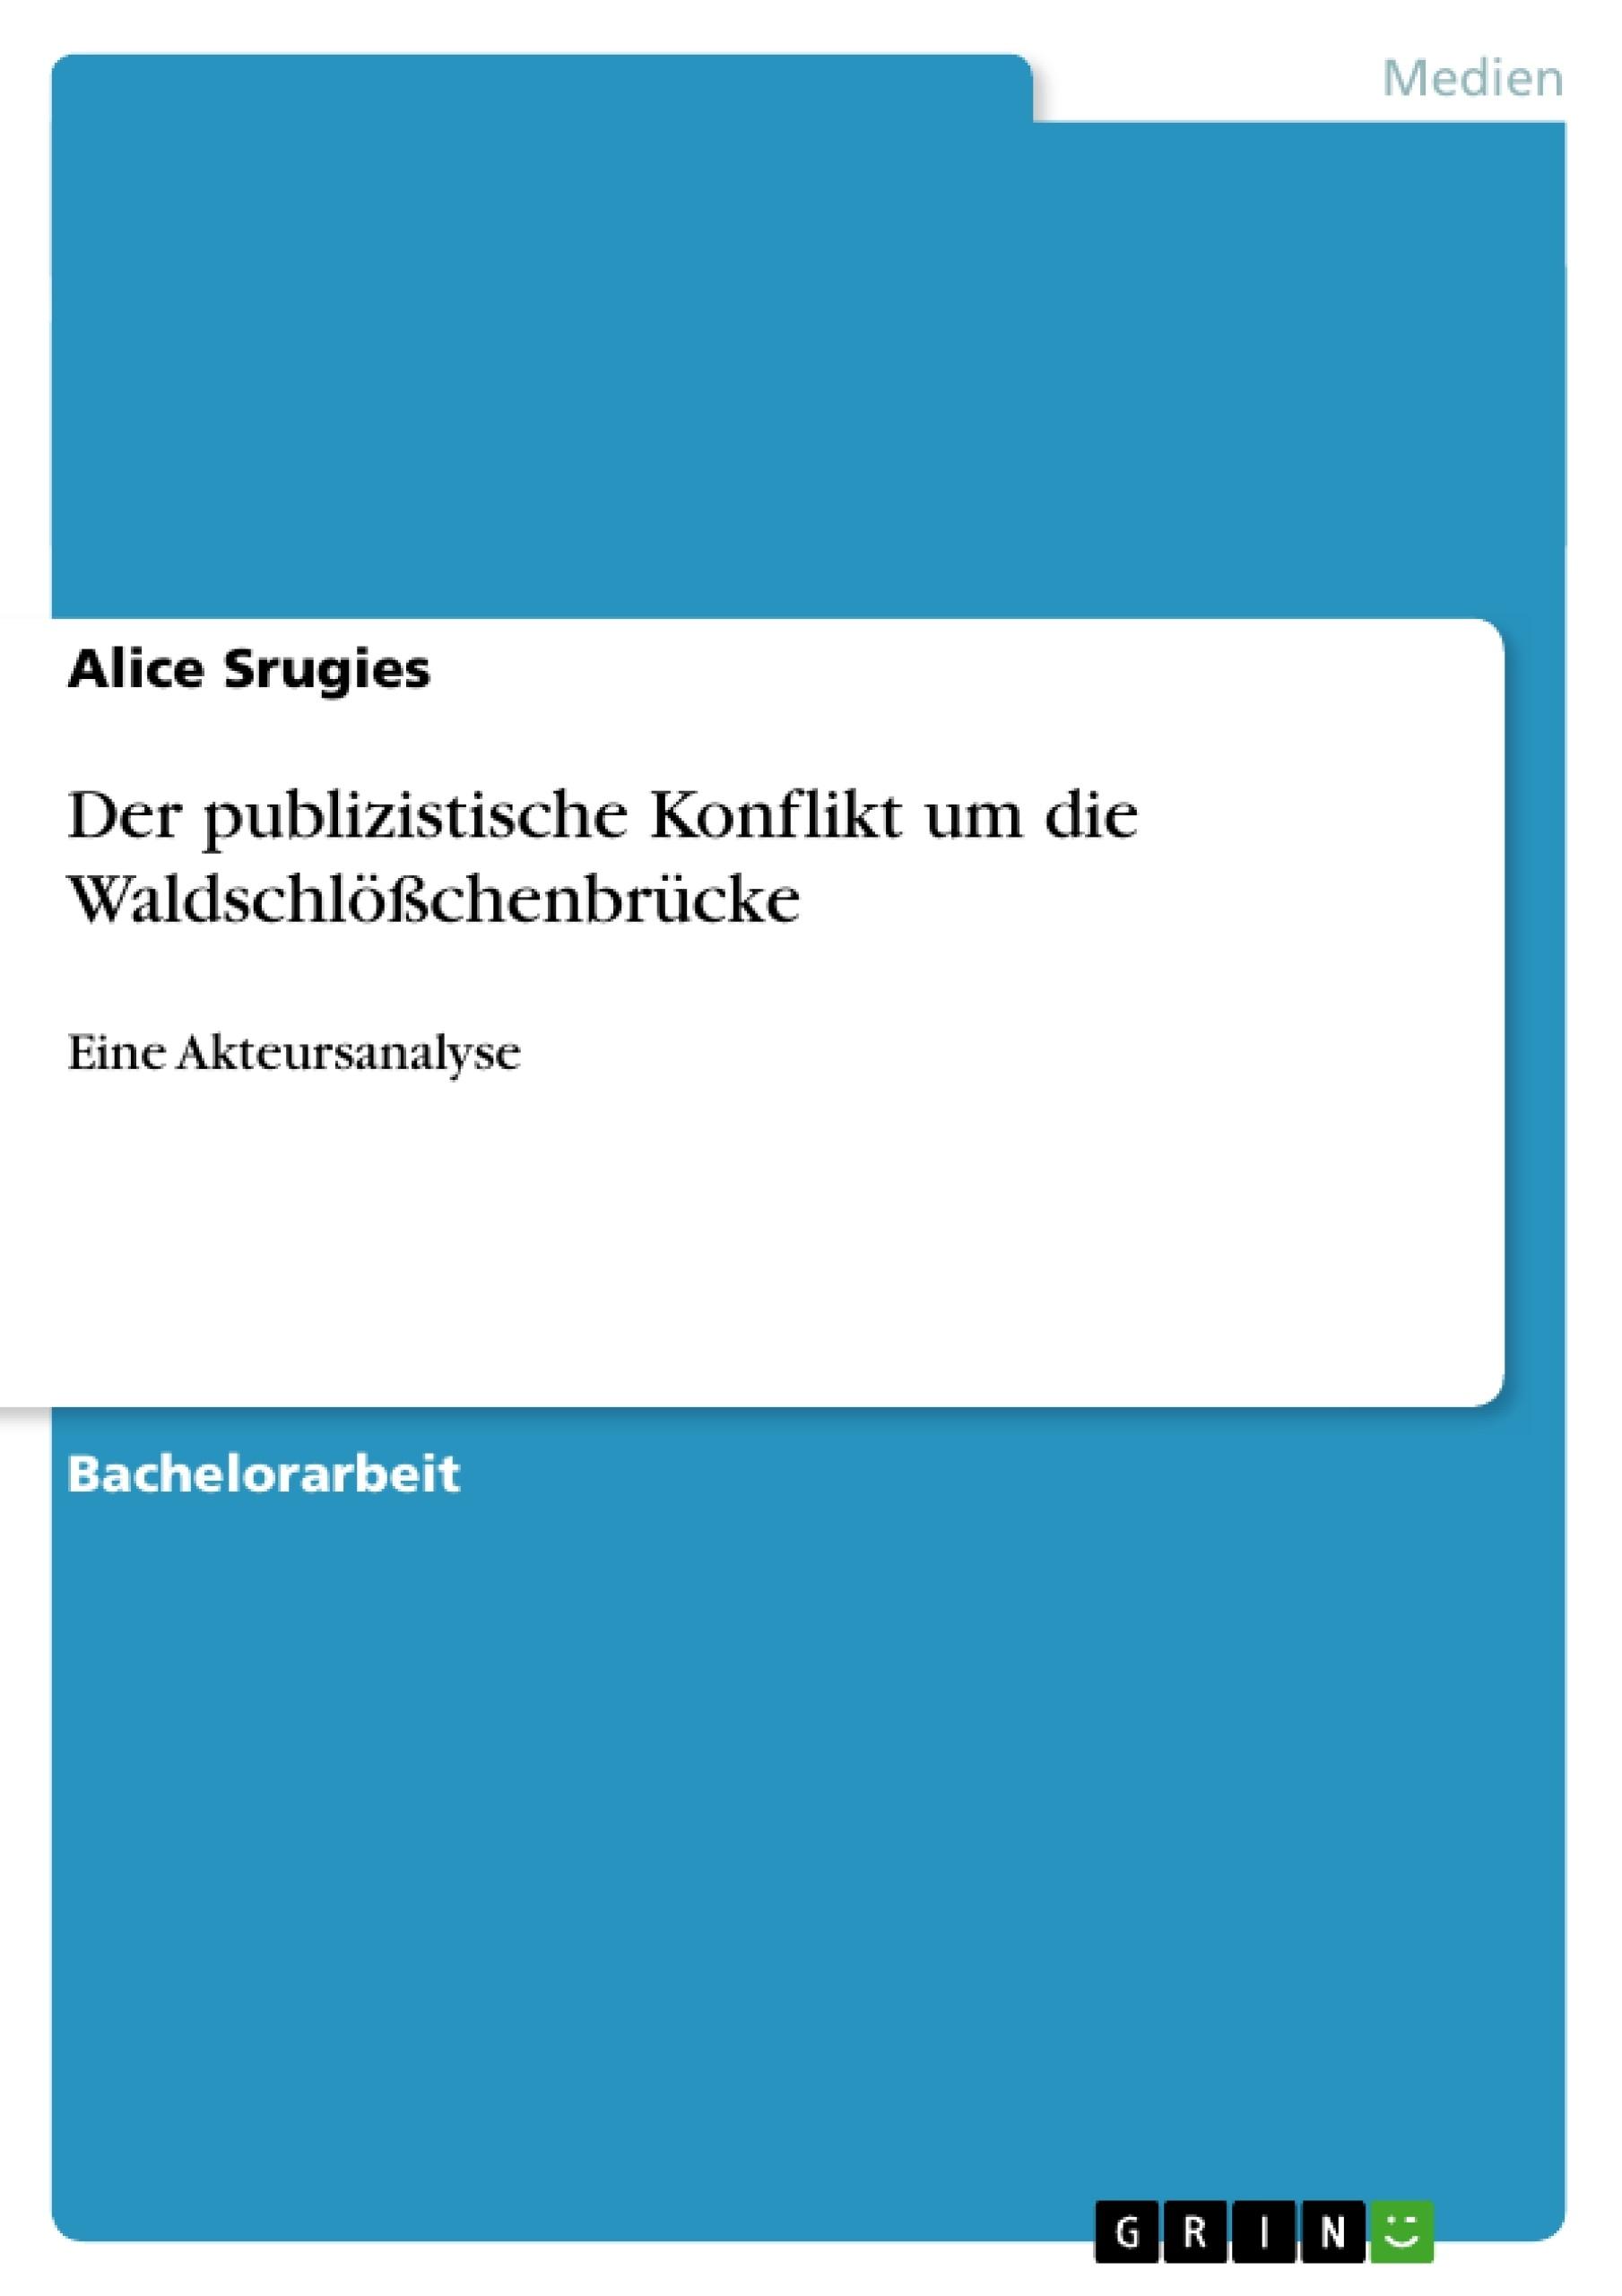 Titel: Der publizistische Konflikt um die Waldschlößchenbrücke